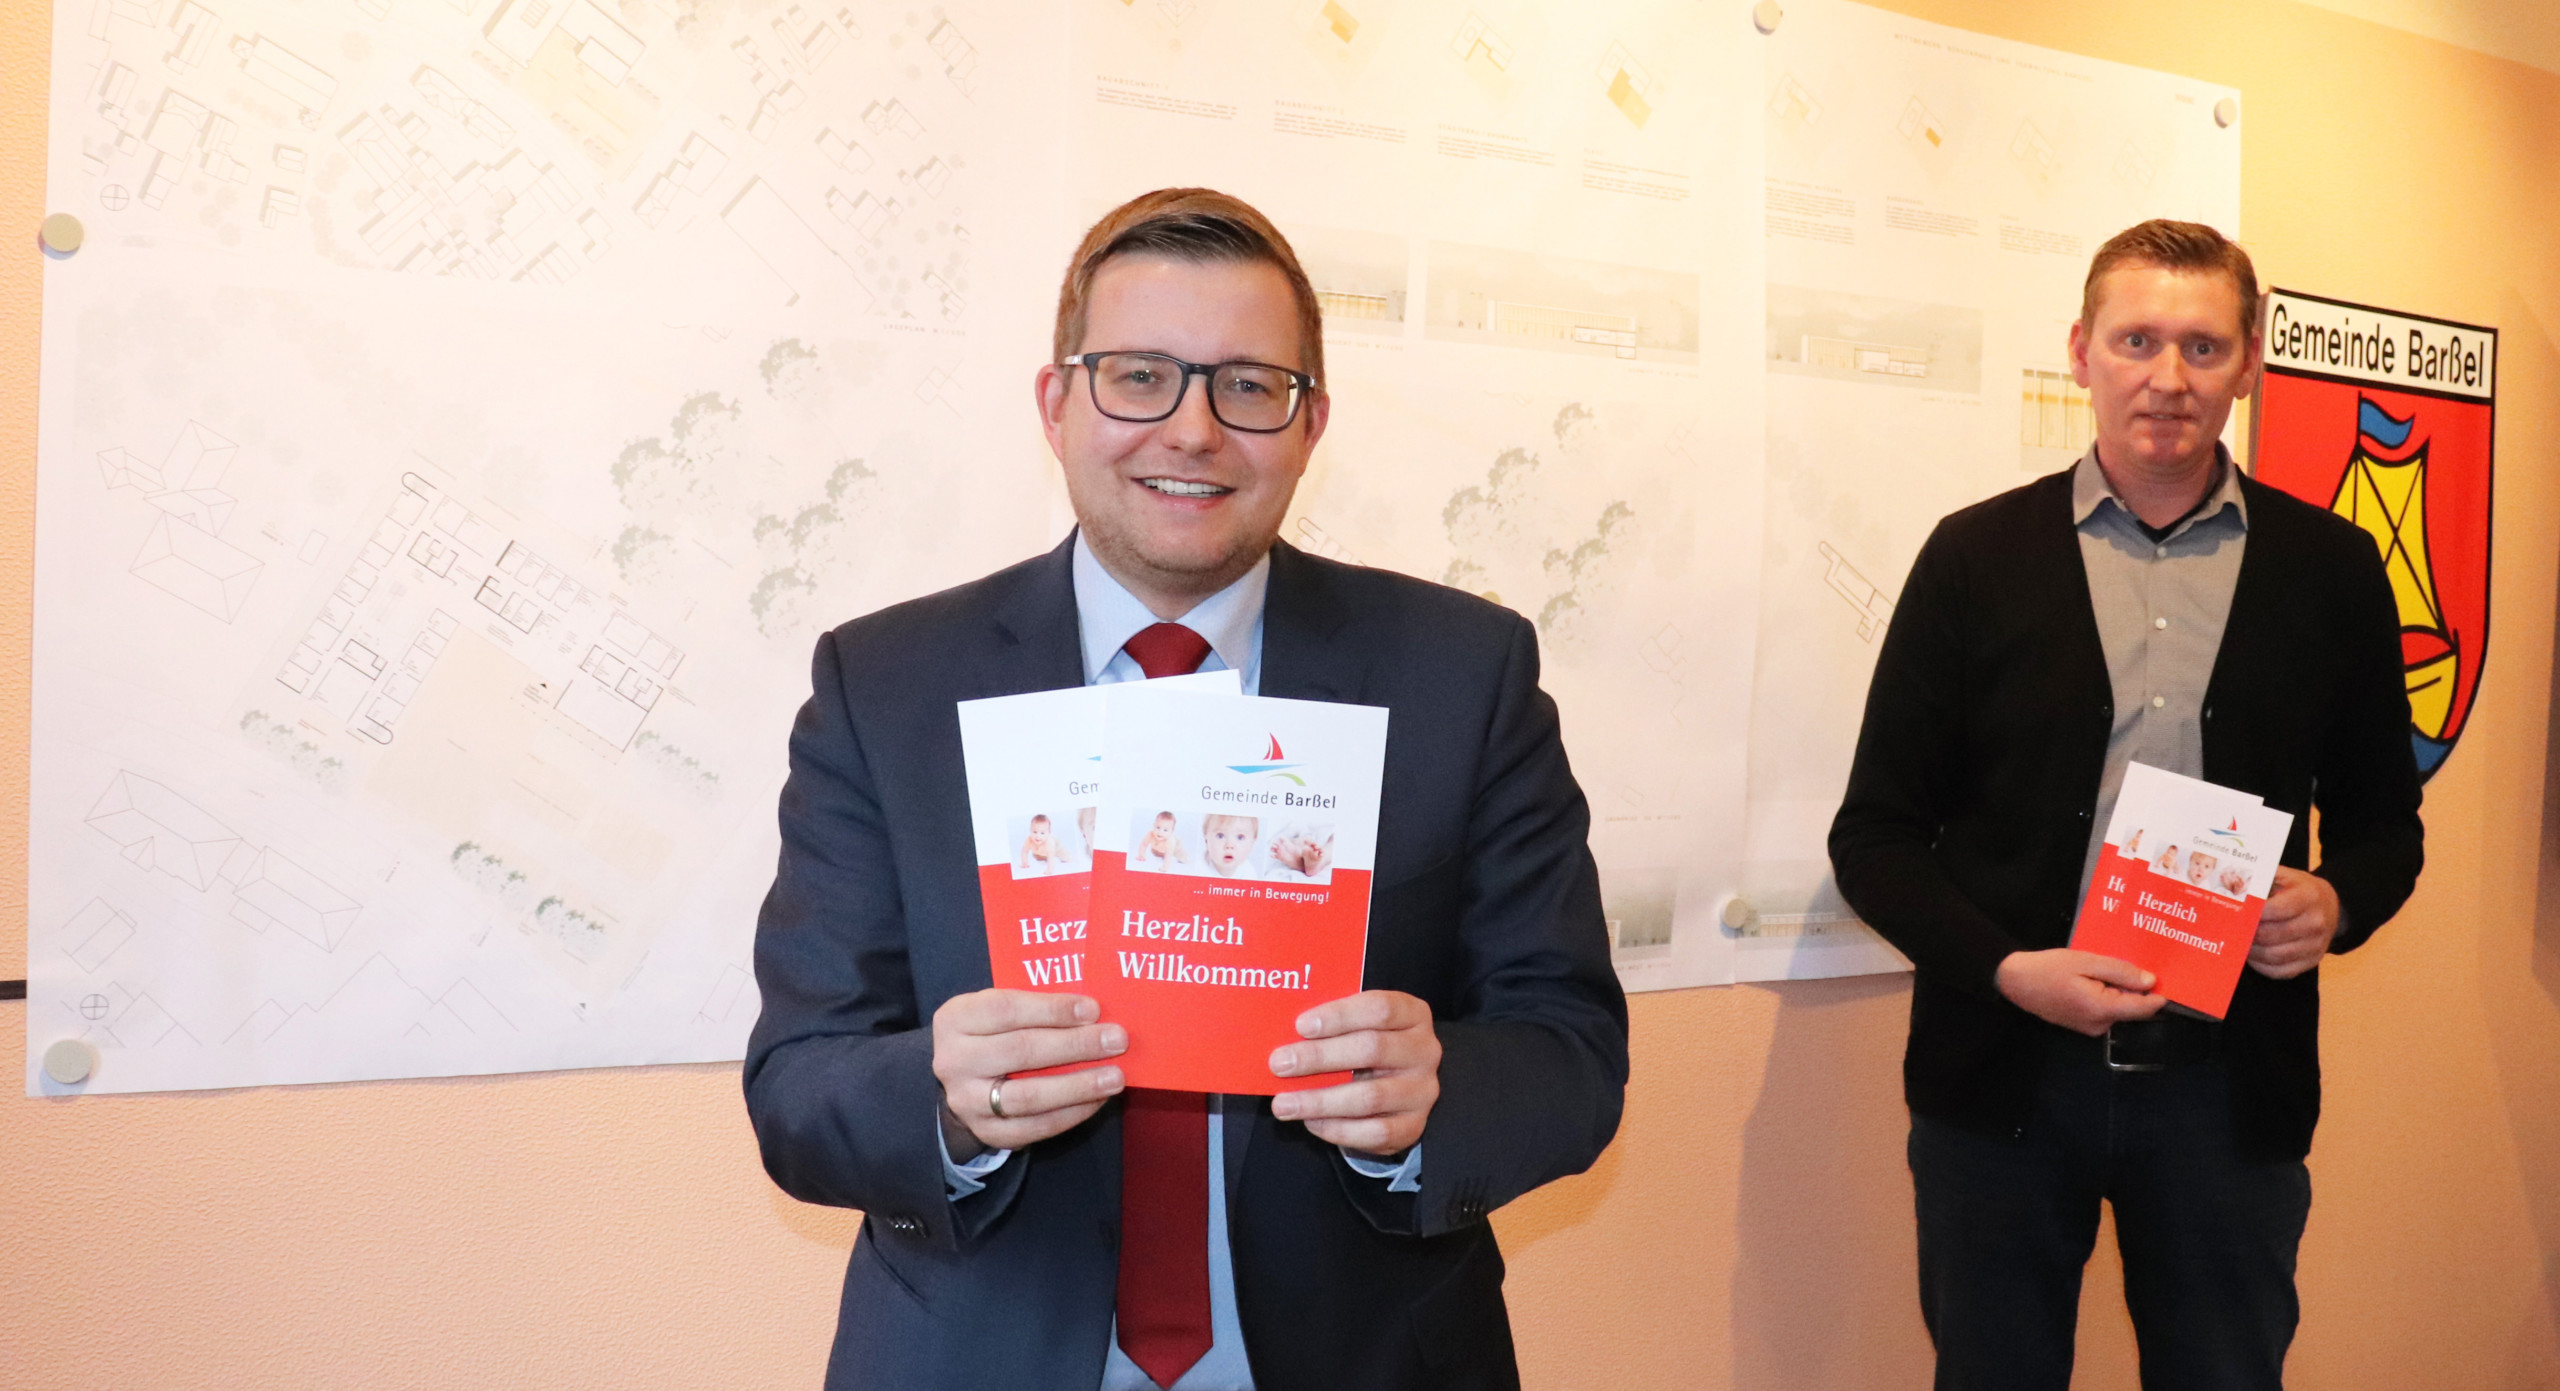 Bürgermeister Nils Anhuth (links) und Erster Gemeinderat Michael Sope blickten gemeinsame auf das ereignisreiche Jahr 2020 zurück. Aufnahme: Wlodarczyk/Gemeinde Barßel